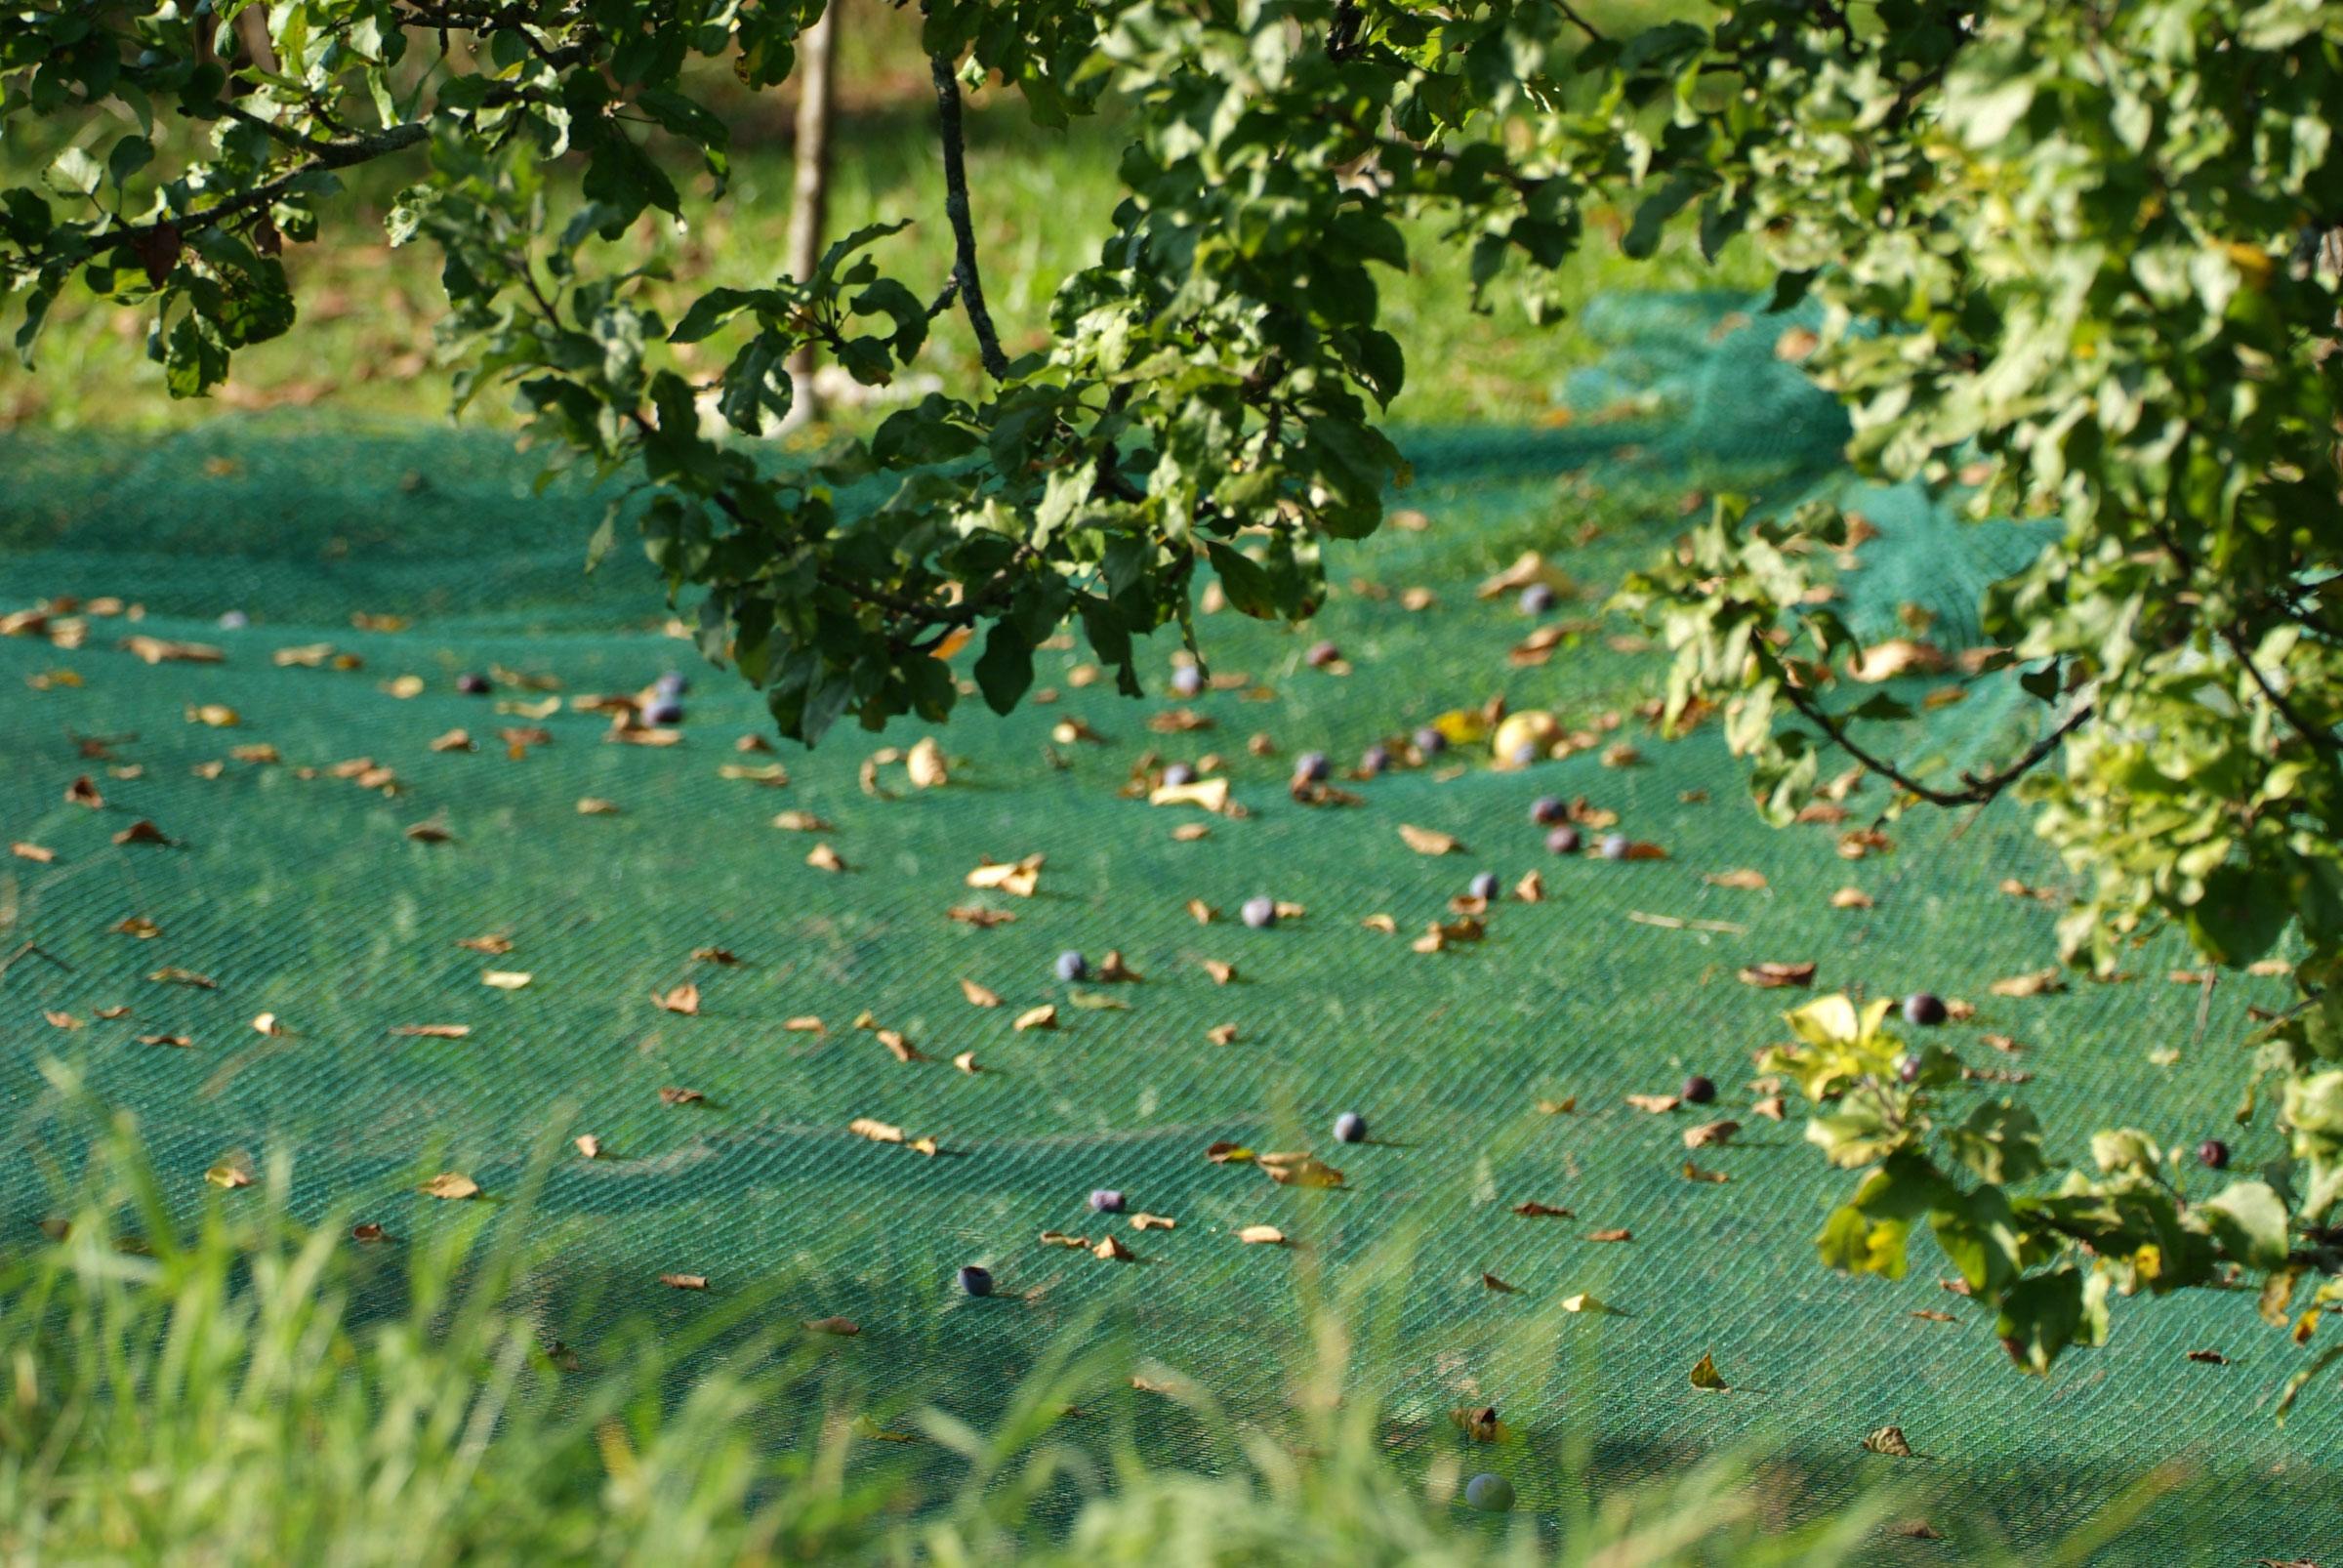 Laubschutz Netz grün für Teich und Wasser 10x4m Bild 1